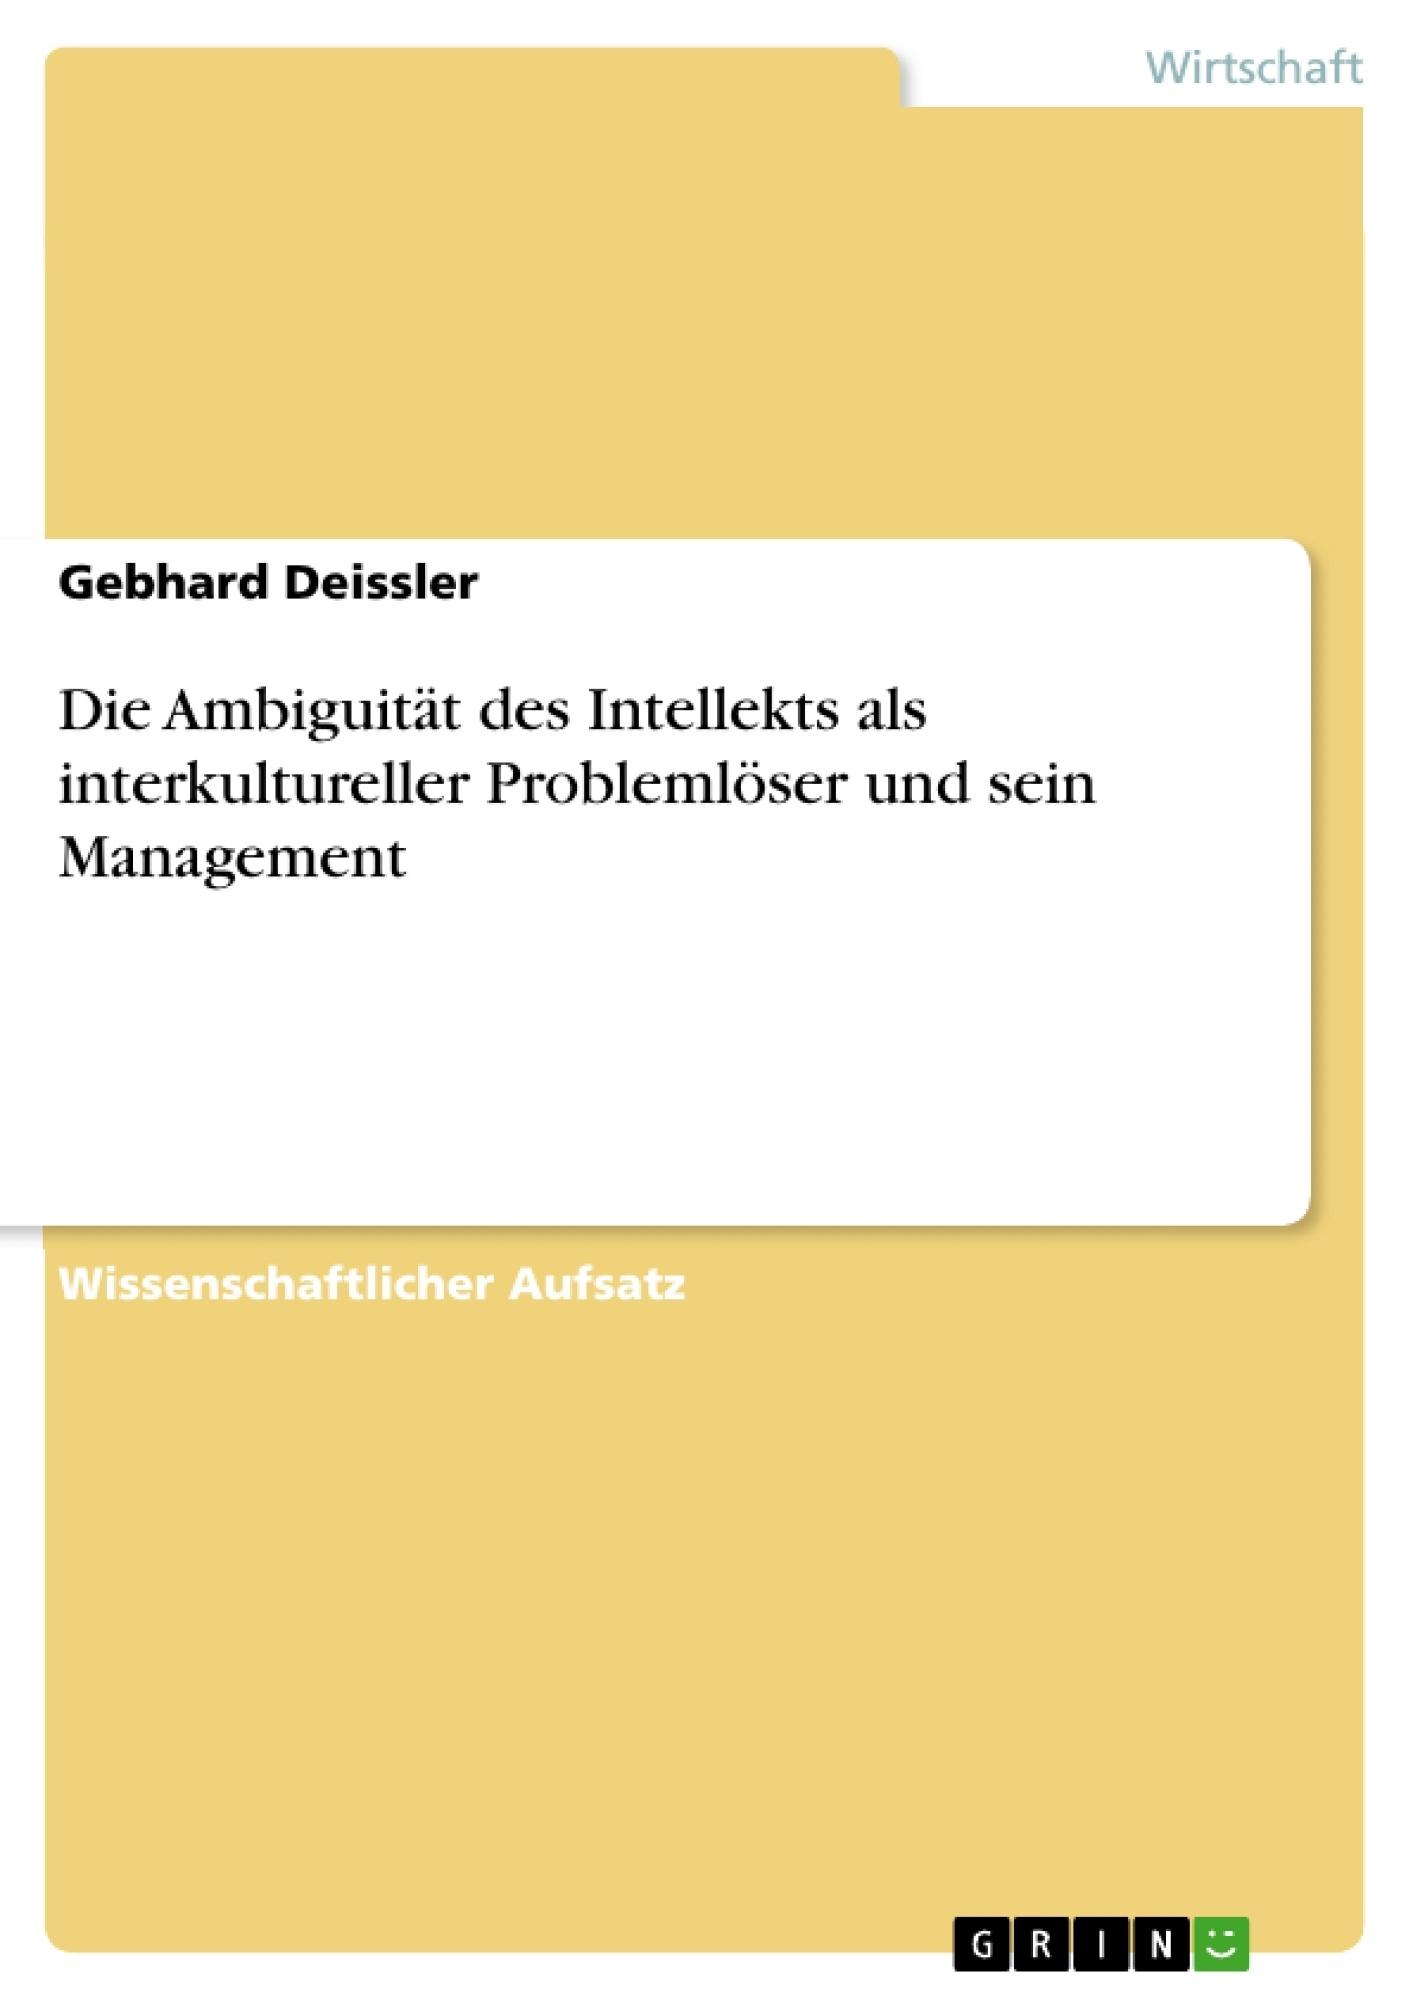 Titel: Die Ambiguität des Intellekts als interkultureller Problemlöser und sein Management